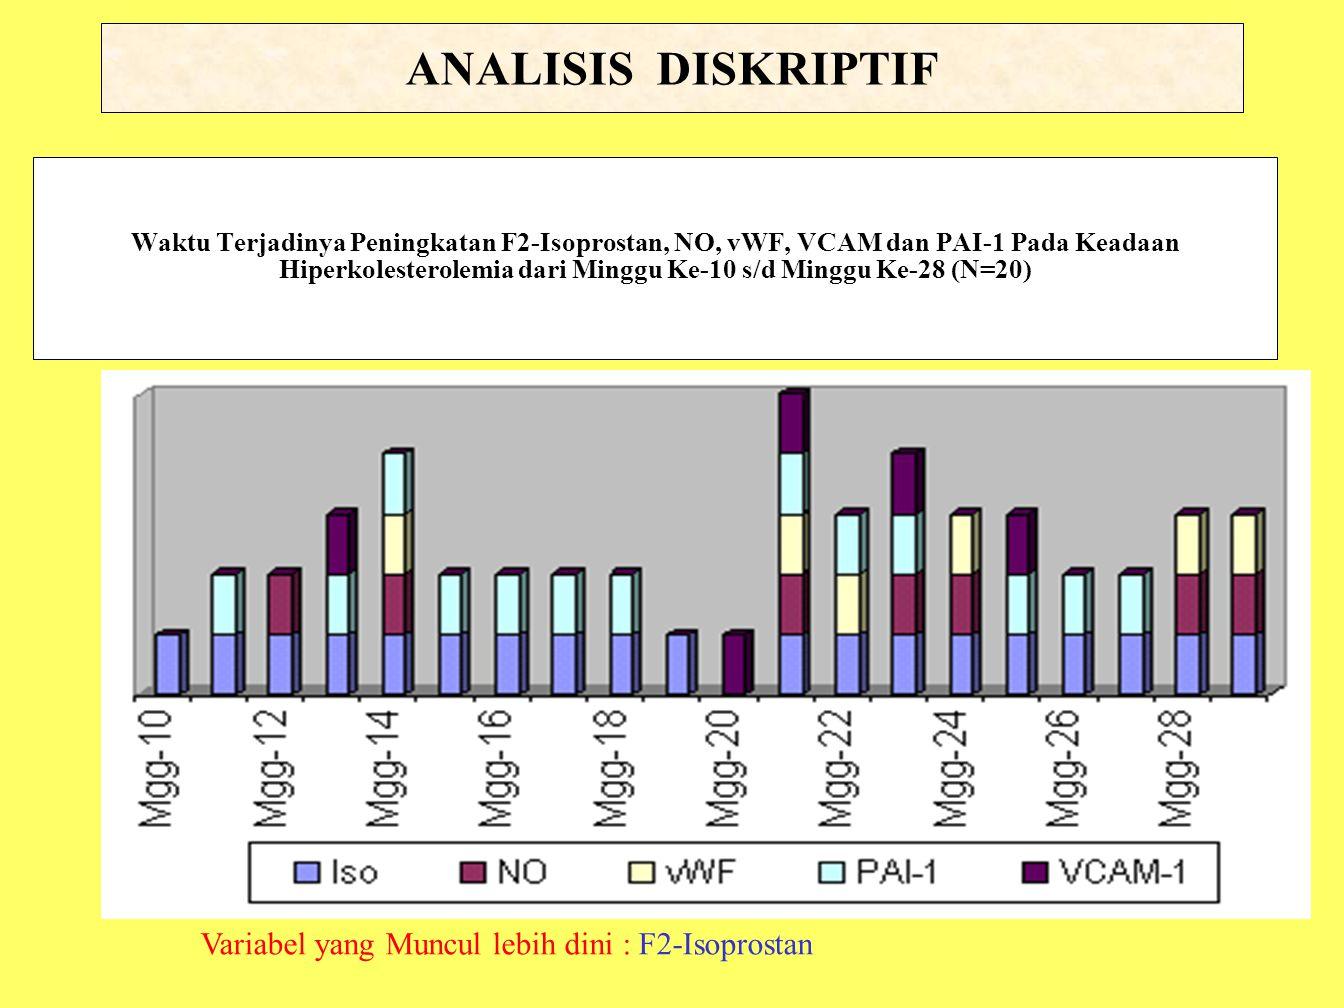 Waktu Terjadinya Peningkatan F2-Isoprostan, NO, vWF, VCAM dan PAI-1 Pada Keadaan Hiperkolesterolemia dari Minggu Ke-10 s/d Minggu Ke-28 (N=20) Variabe